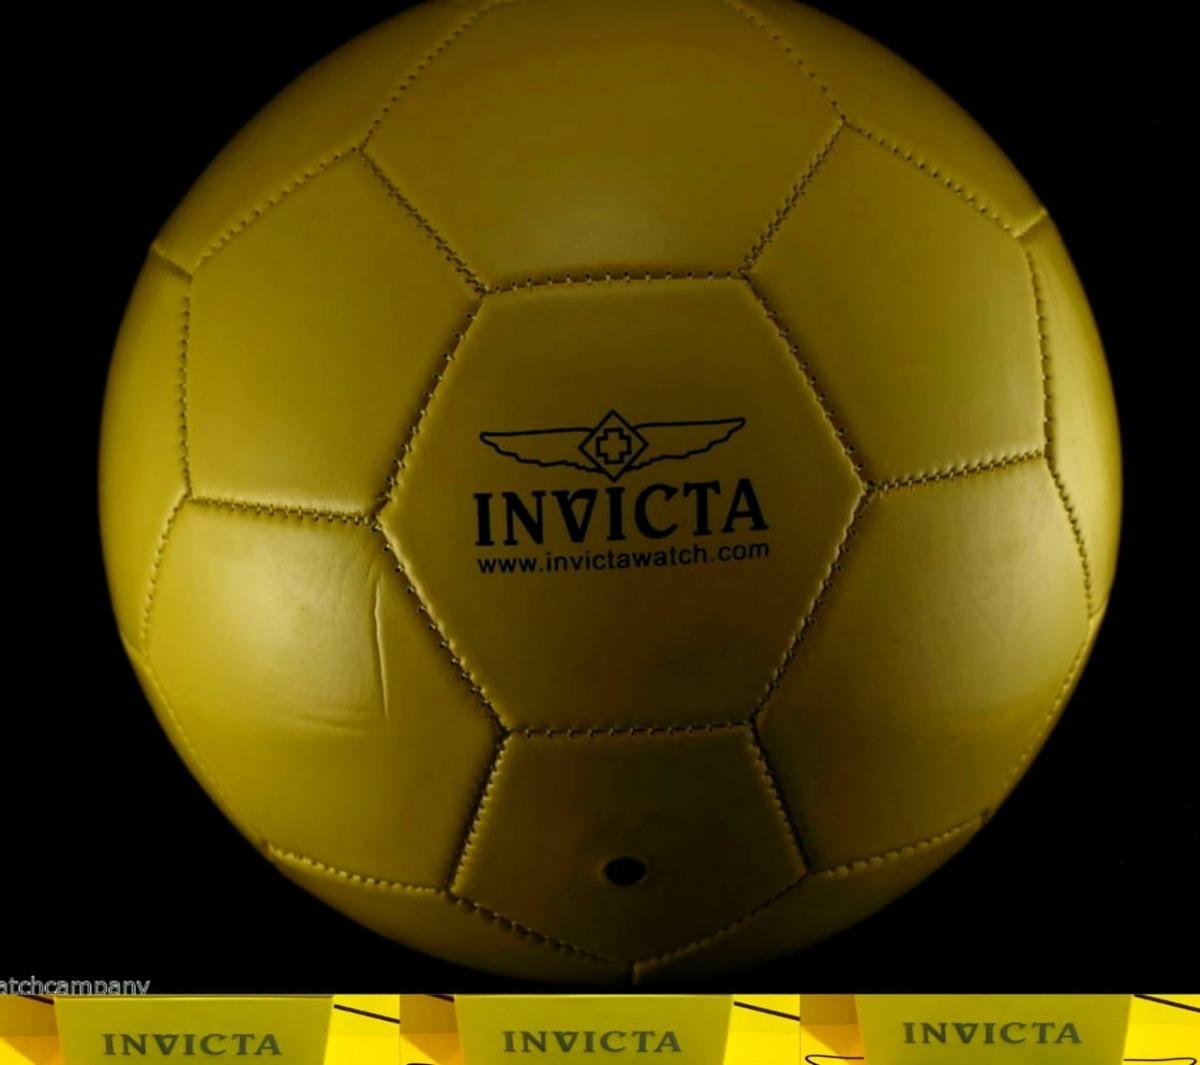 3b2e733b1 Bola Invicta Futebol Couro Original. - R$ 219,00 em Mercado Livre